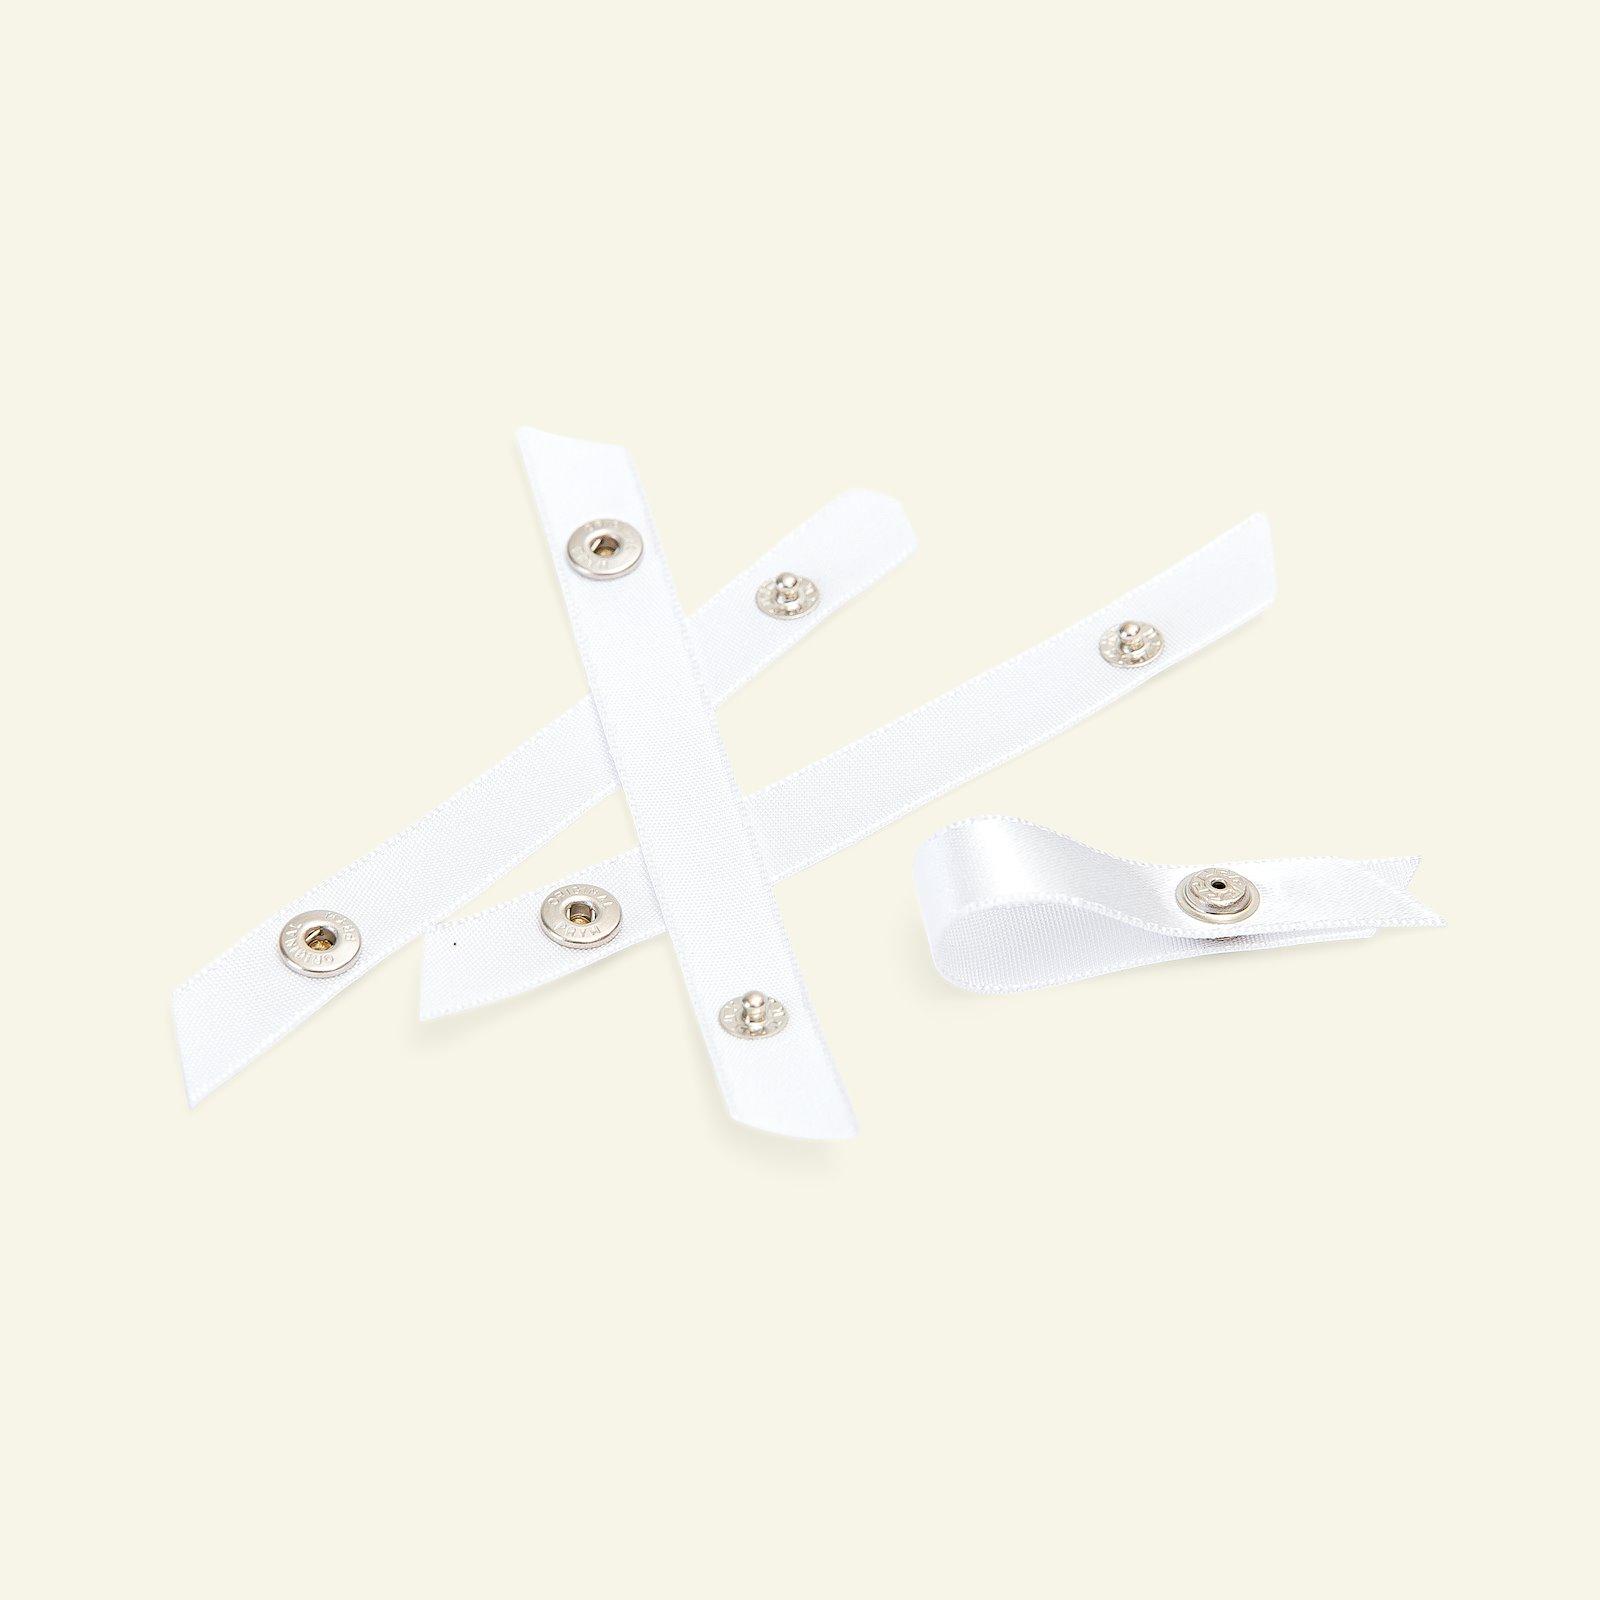 Prym Schulterriemen-Halter Weiß, 4 St. 44905_pack